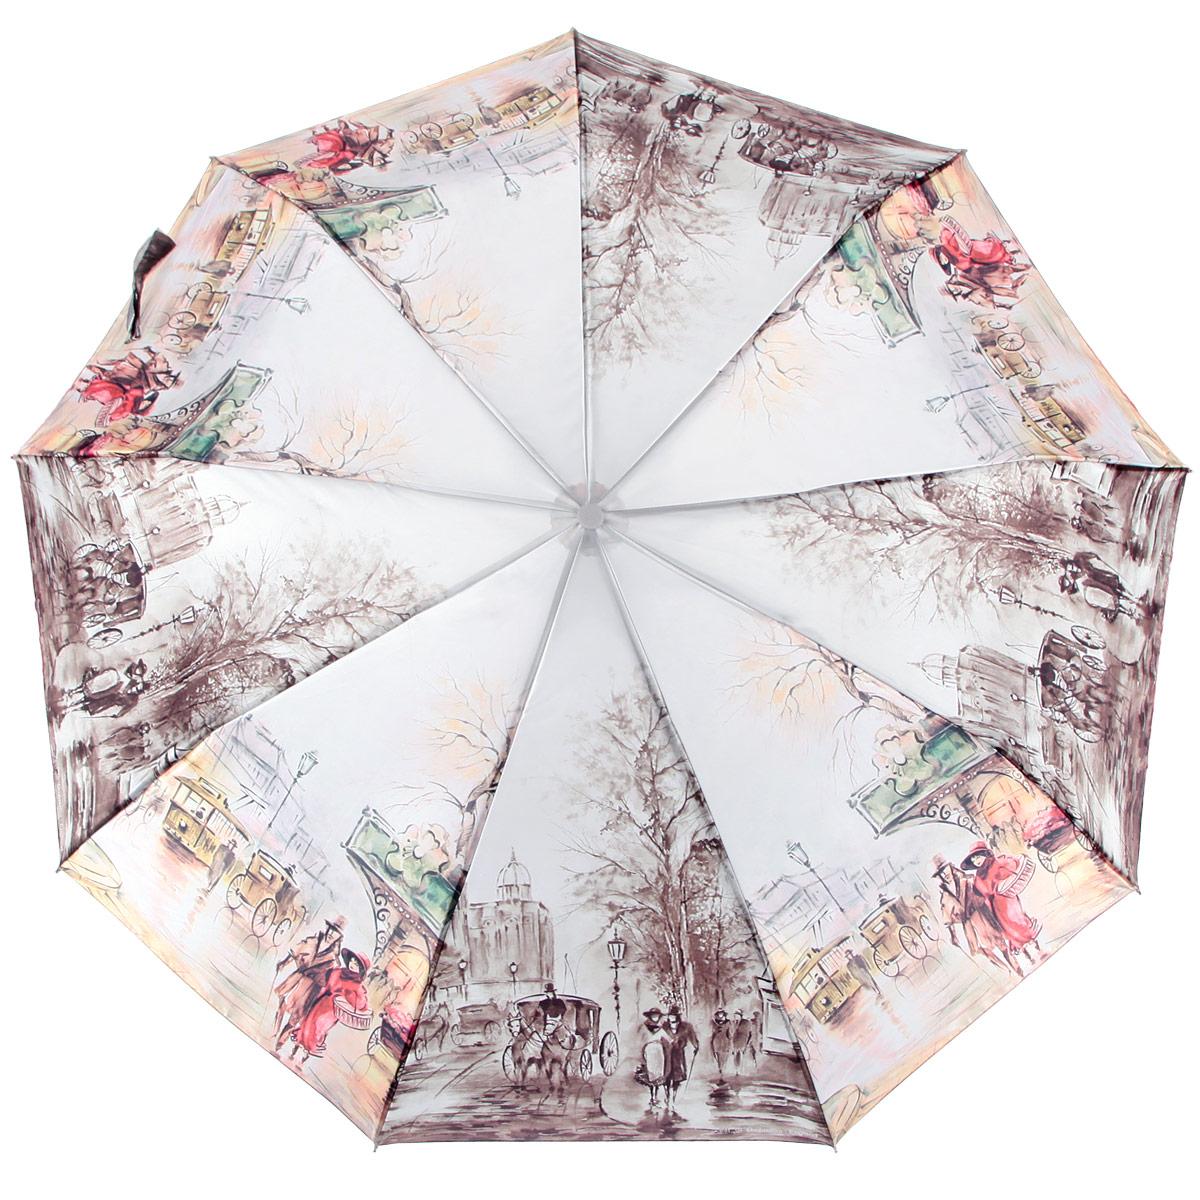 Зонт женский Zest, цвет: мультицвет. 239444-70239444-70Стильный женский зонт ZEST с удлиненным каркасом, выполнен из прочной стали с антикоррозийным покрытием, спицы из фибергласса, устойчивые к выгибанию. Купол зонта изготовлен из сатина с водоотталкивающей пропиткой. Закрытый купол застегивается на липучку хлястиком. Практичная рукоятка закругленной формы разработана с учетом требований эргономики и выполнена из пластика. Зонт оснащен автоматическим механизмом и чехлом. Такой зонт не только надежно защитит от дождя, но и станет стильным аксессуаром.